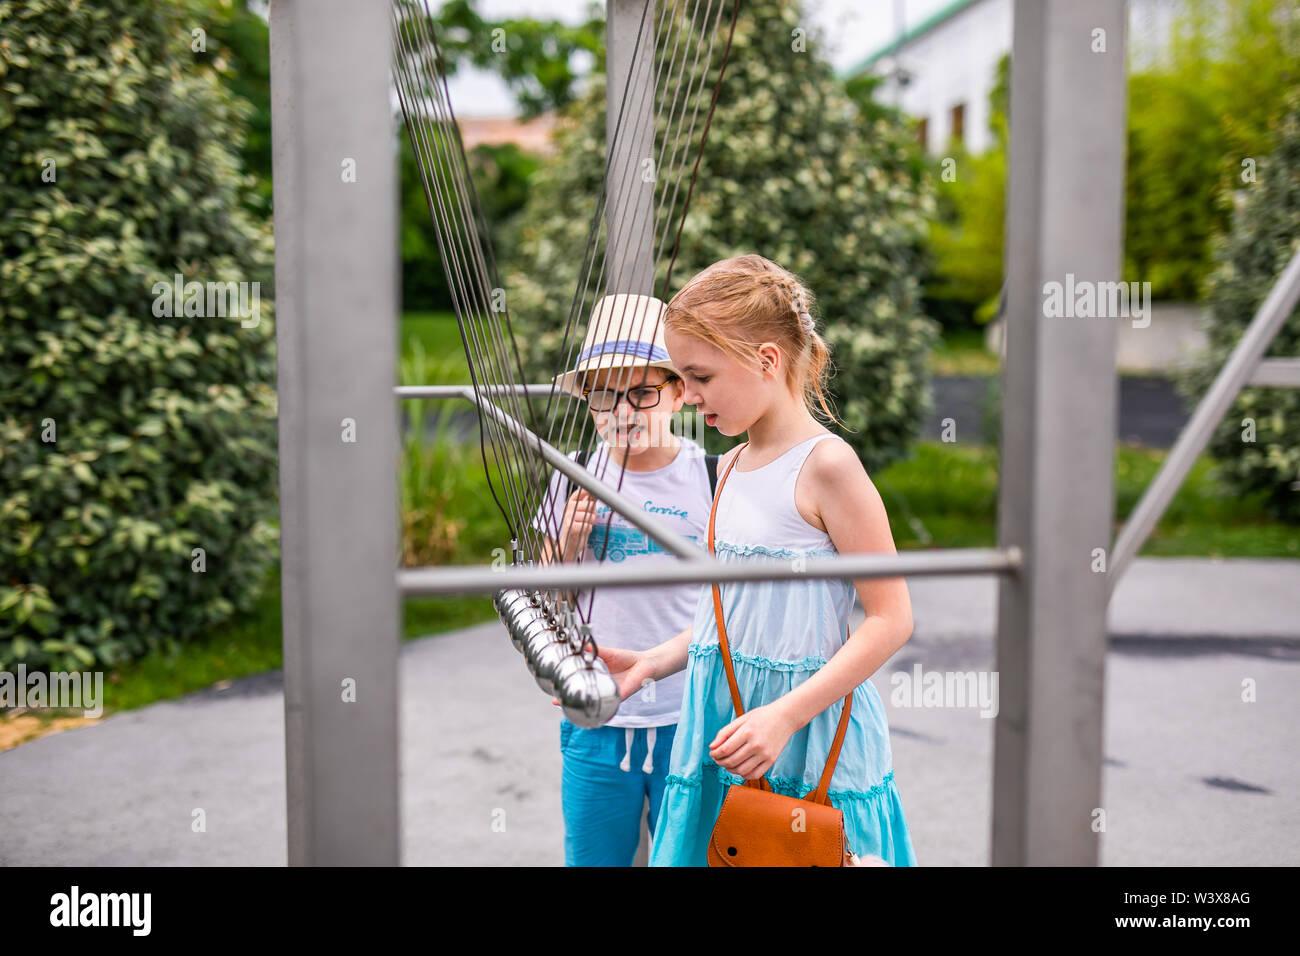 Chica rubia en vestido blanco y azul jugando en el patio de recreo en el verano parque de entretenimientos. Rusia, Sochi, Sochi-park, junio de 2018. Imagen De Stock